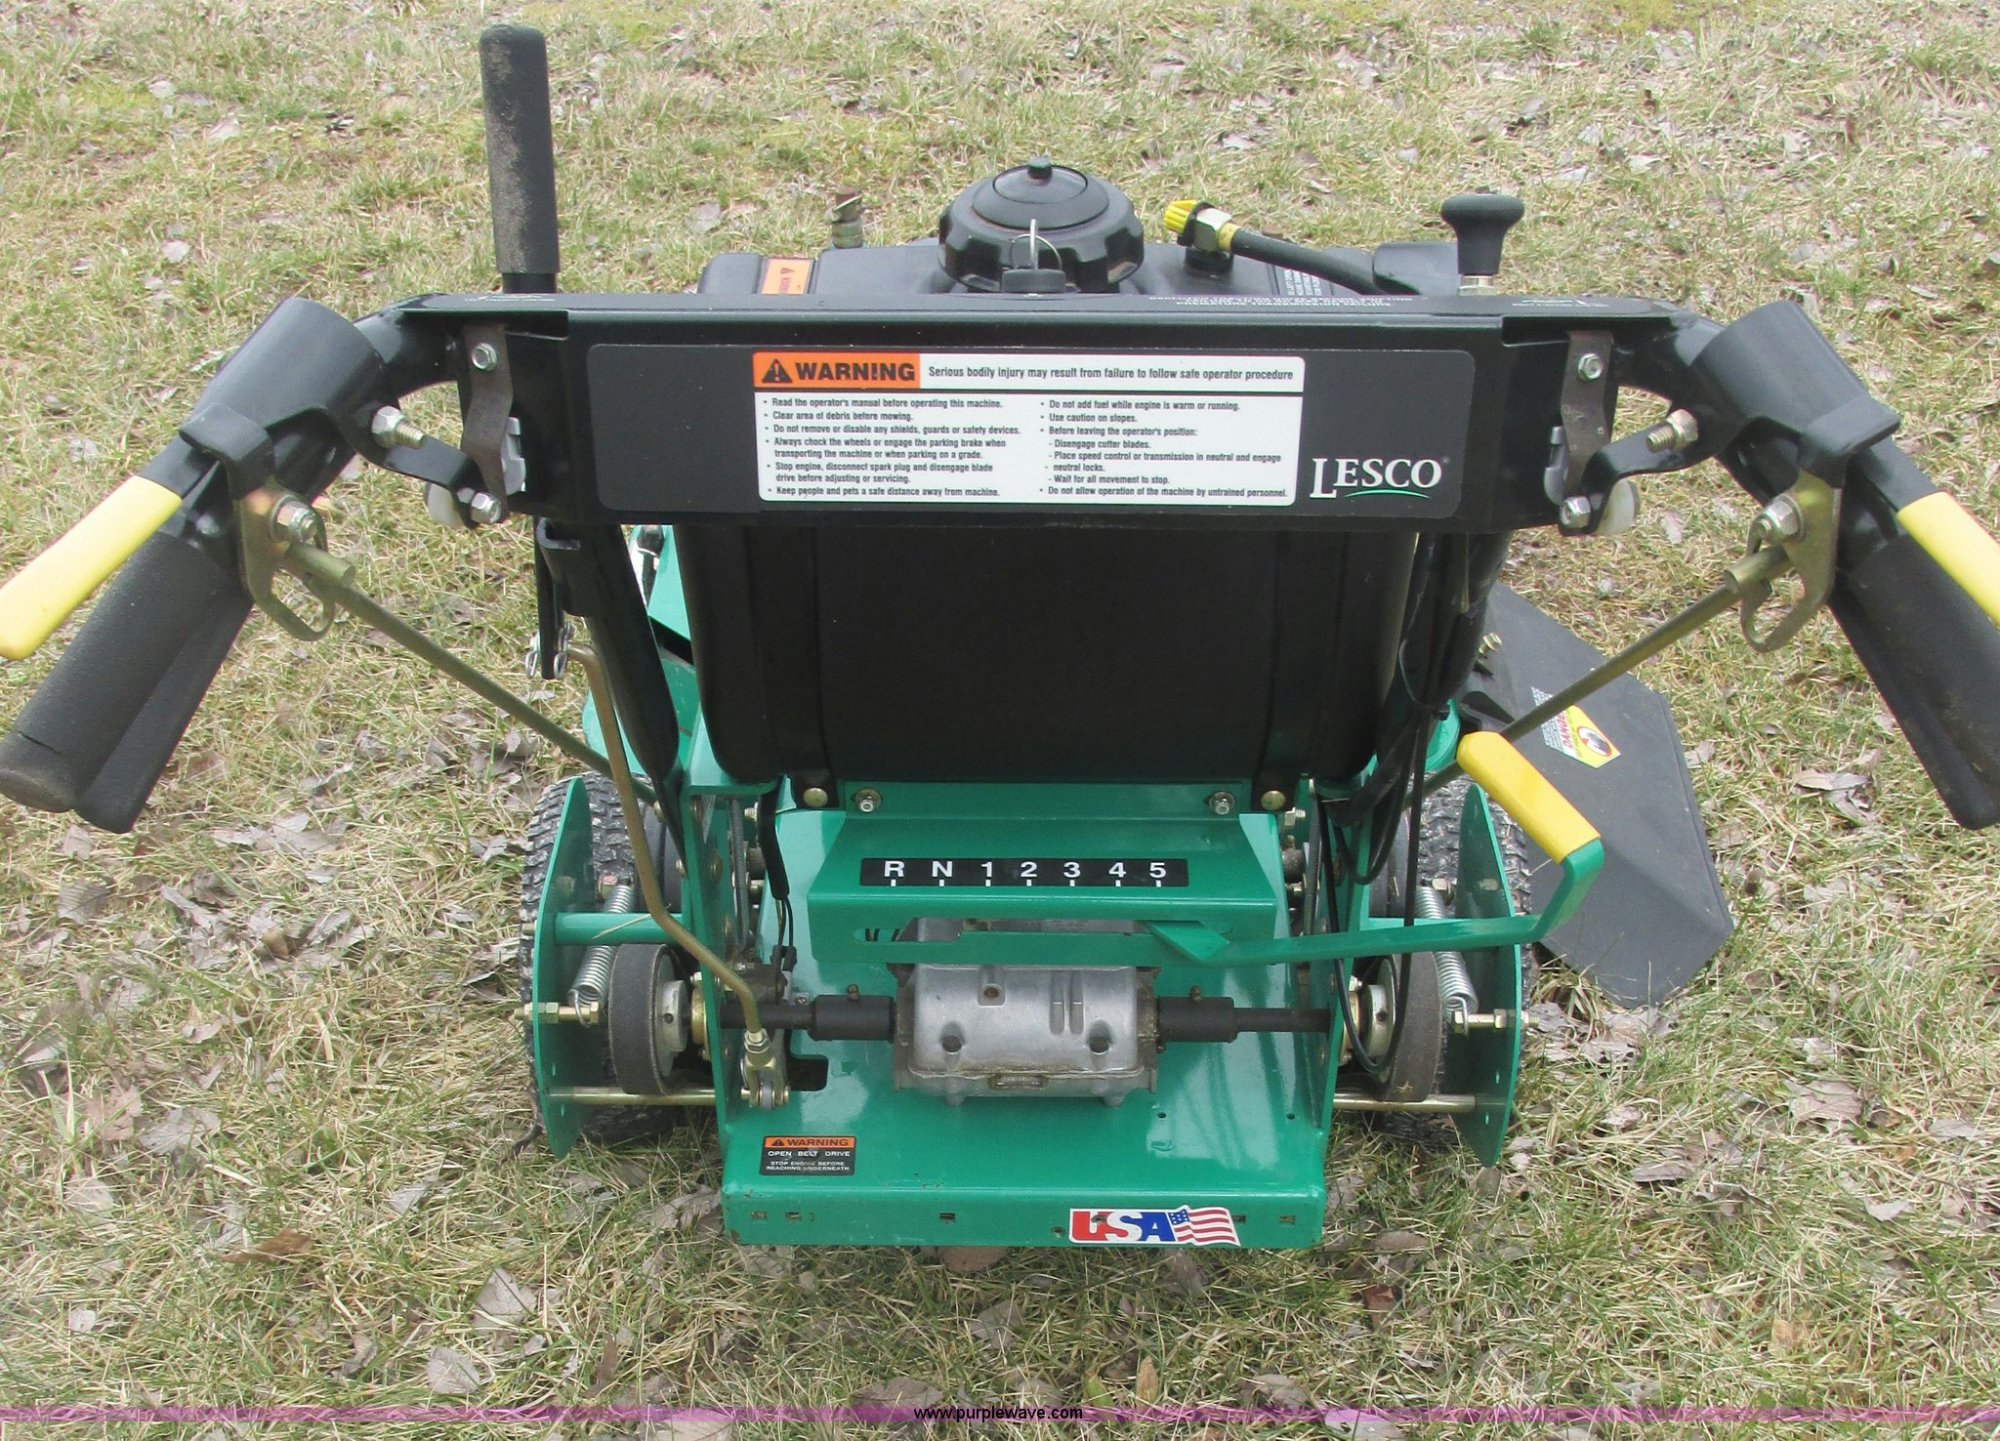 hight resolution of lesco lawn mower belt diagram all kind of wiring diagrams u2022 36 walk behind mower